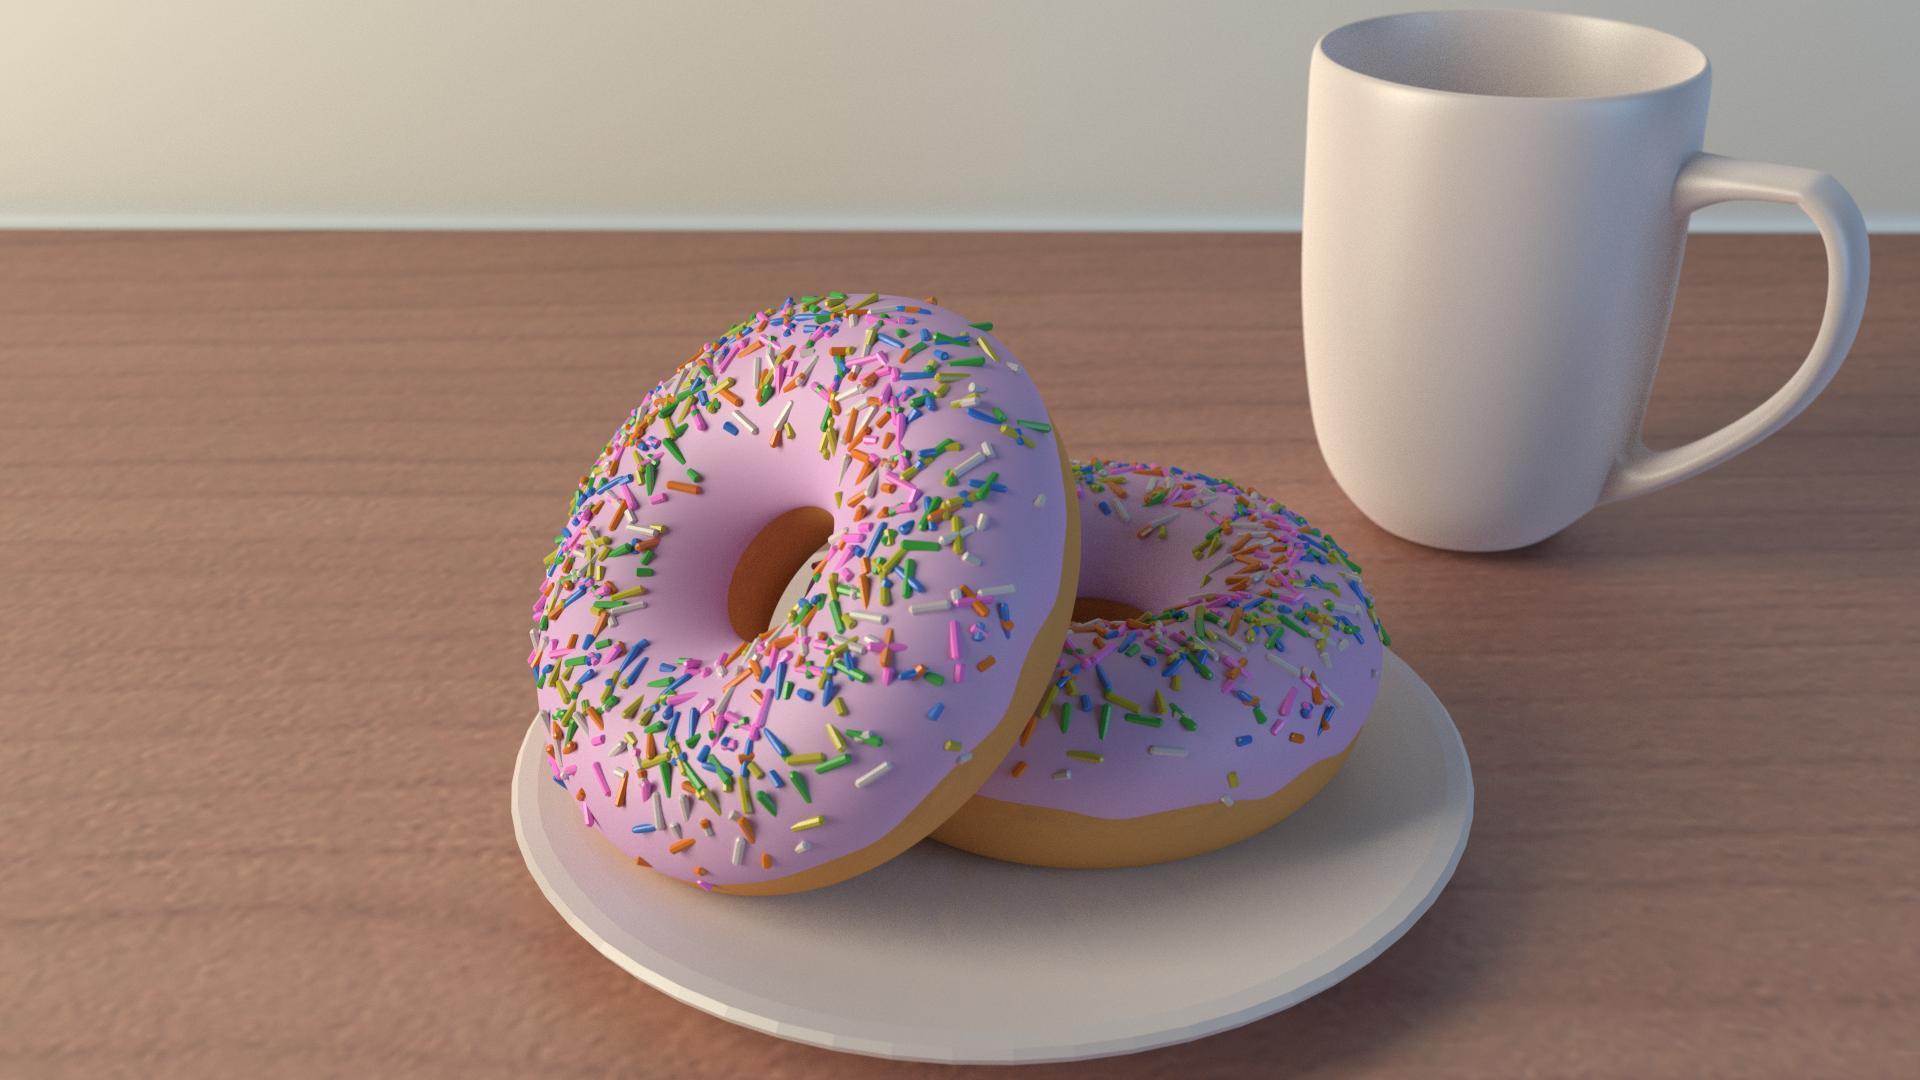 Blender Doughnut scene